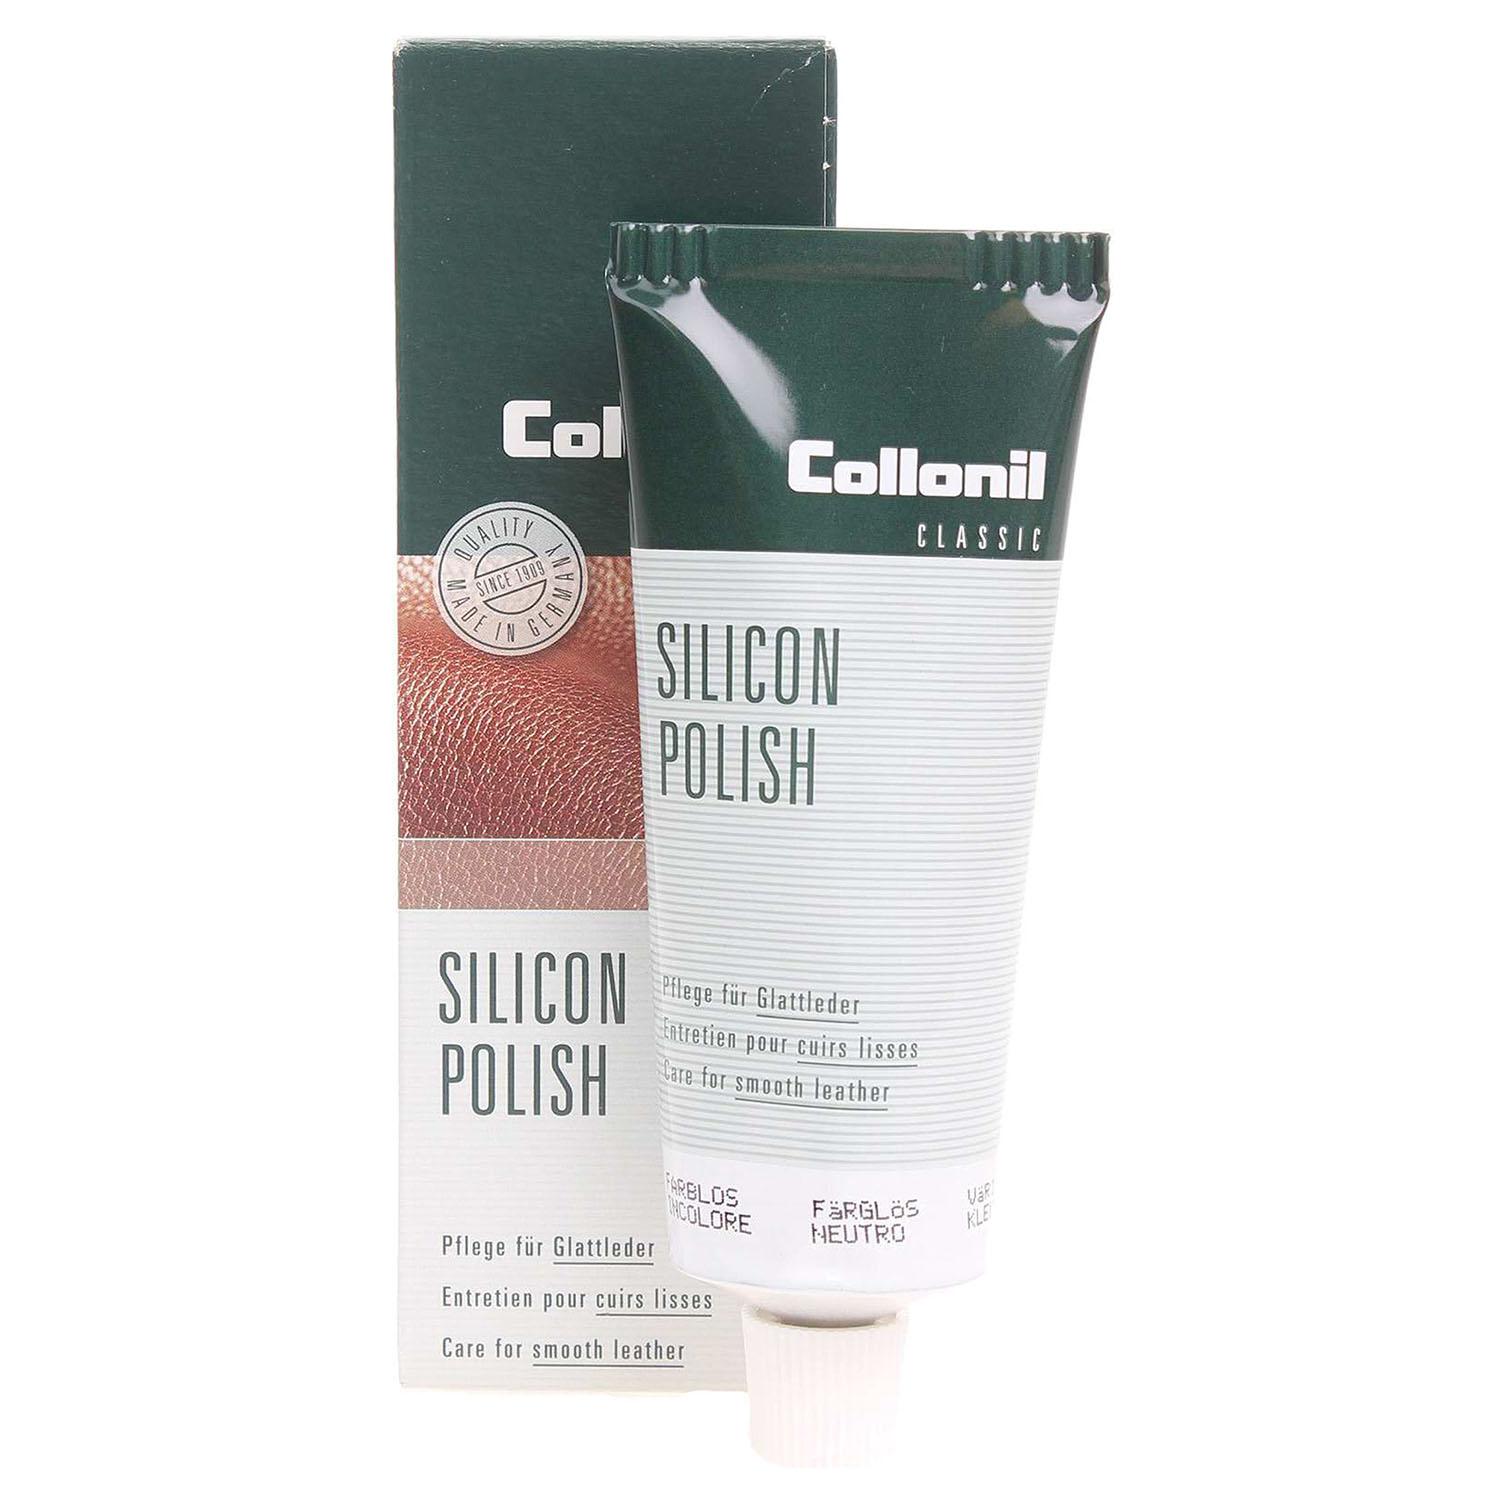 Collonil Silicon Polish